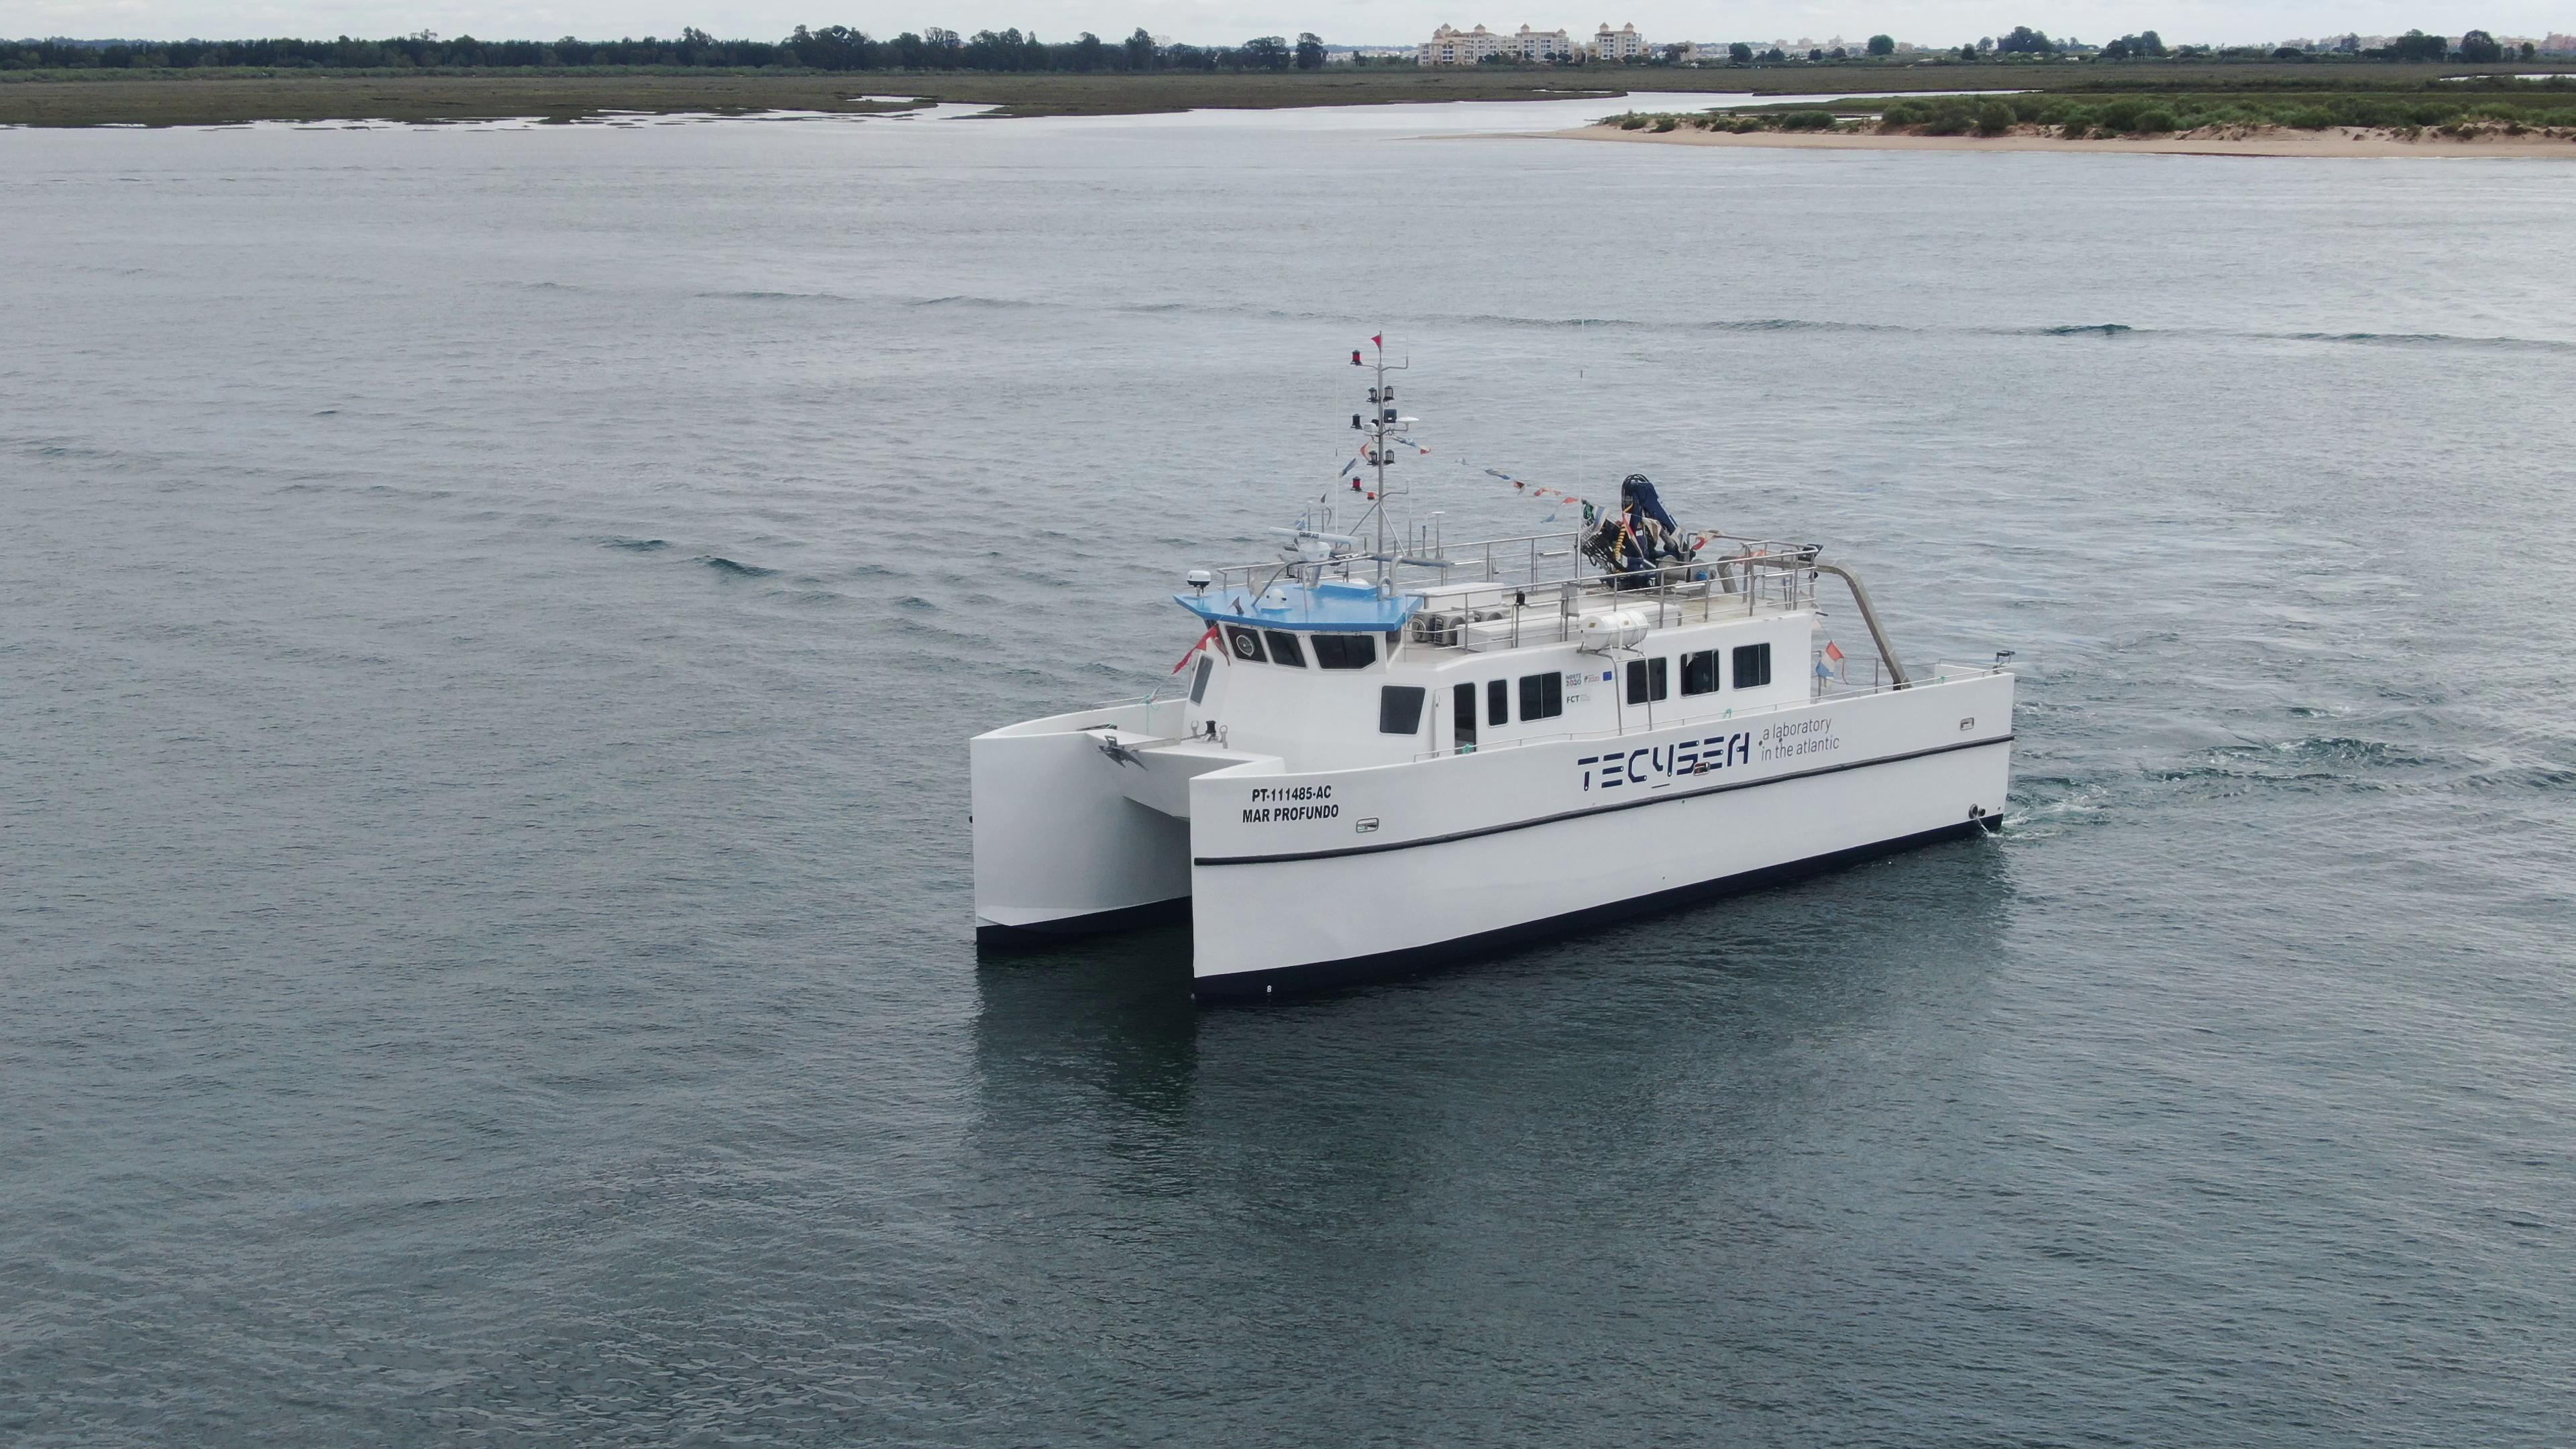 Lançado ao mar navio de investigação para teste de tecnologias marítimas